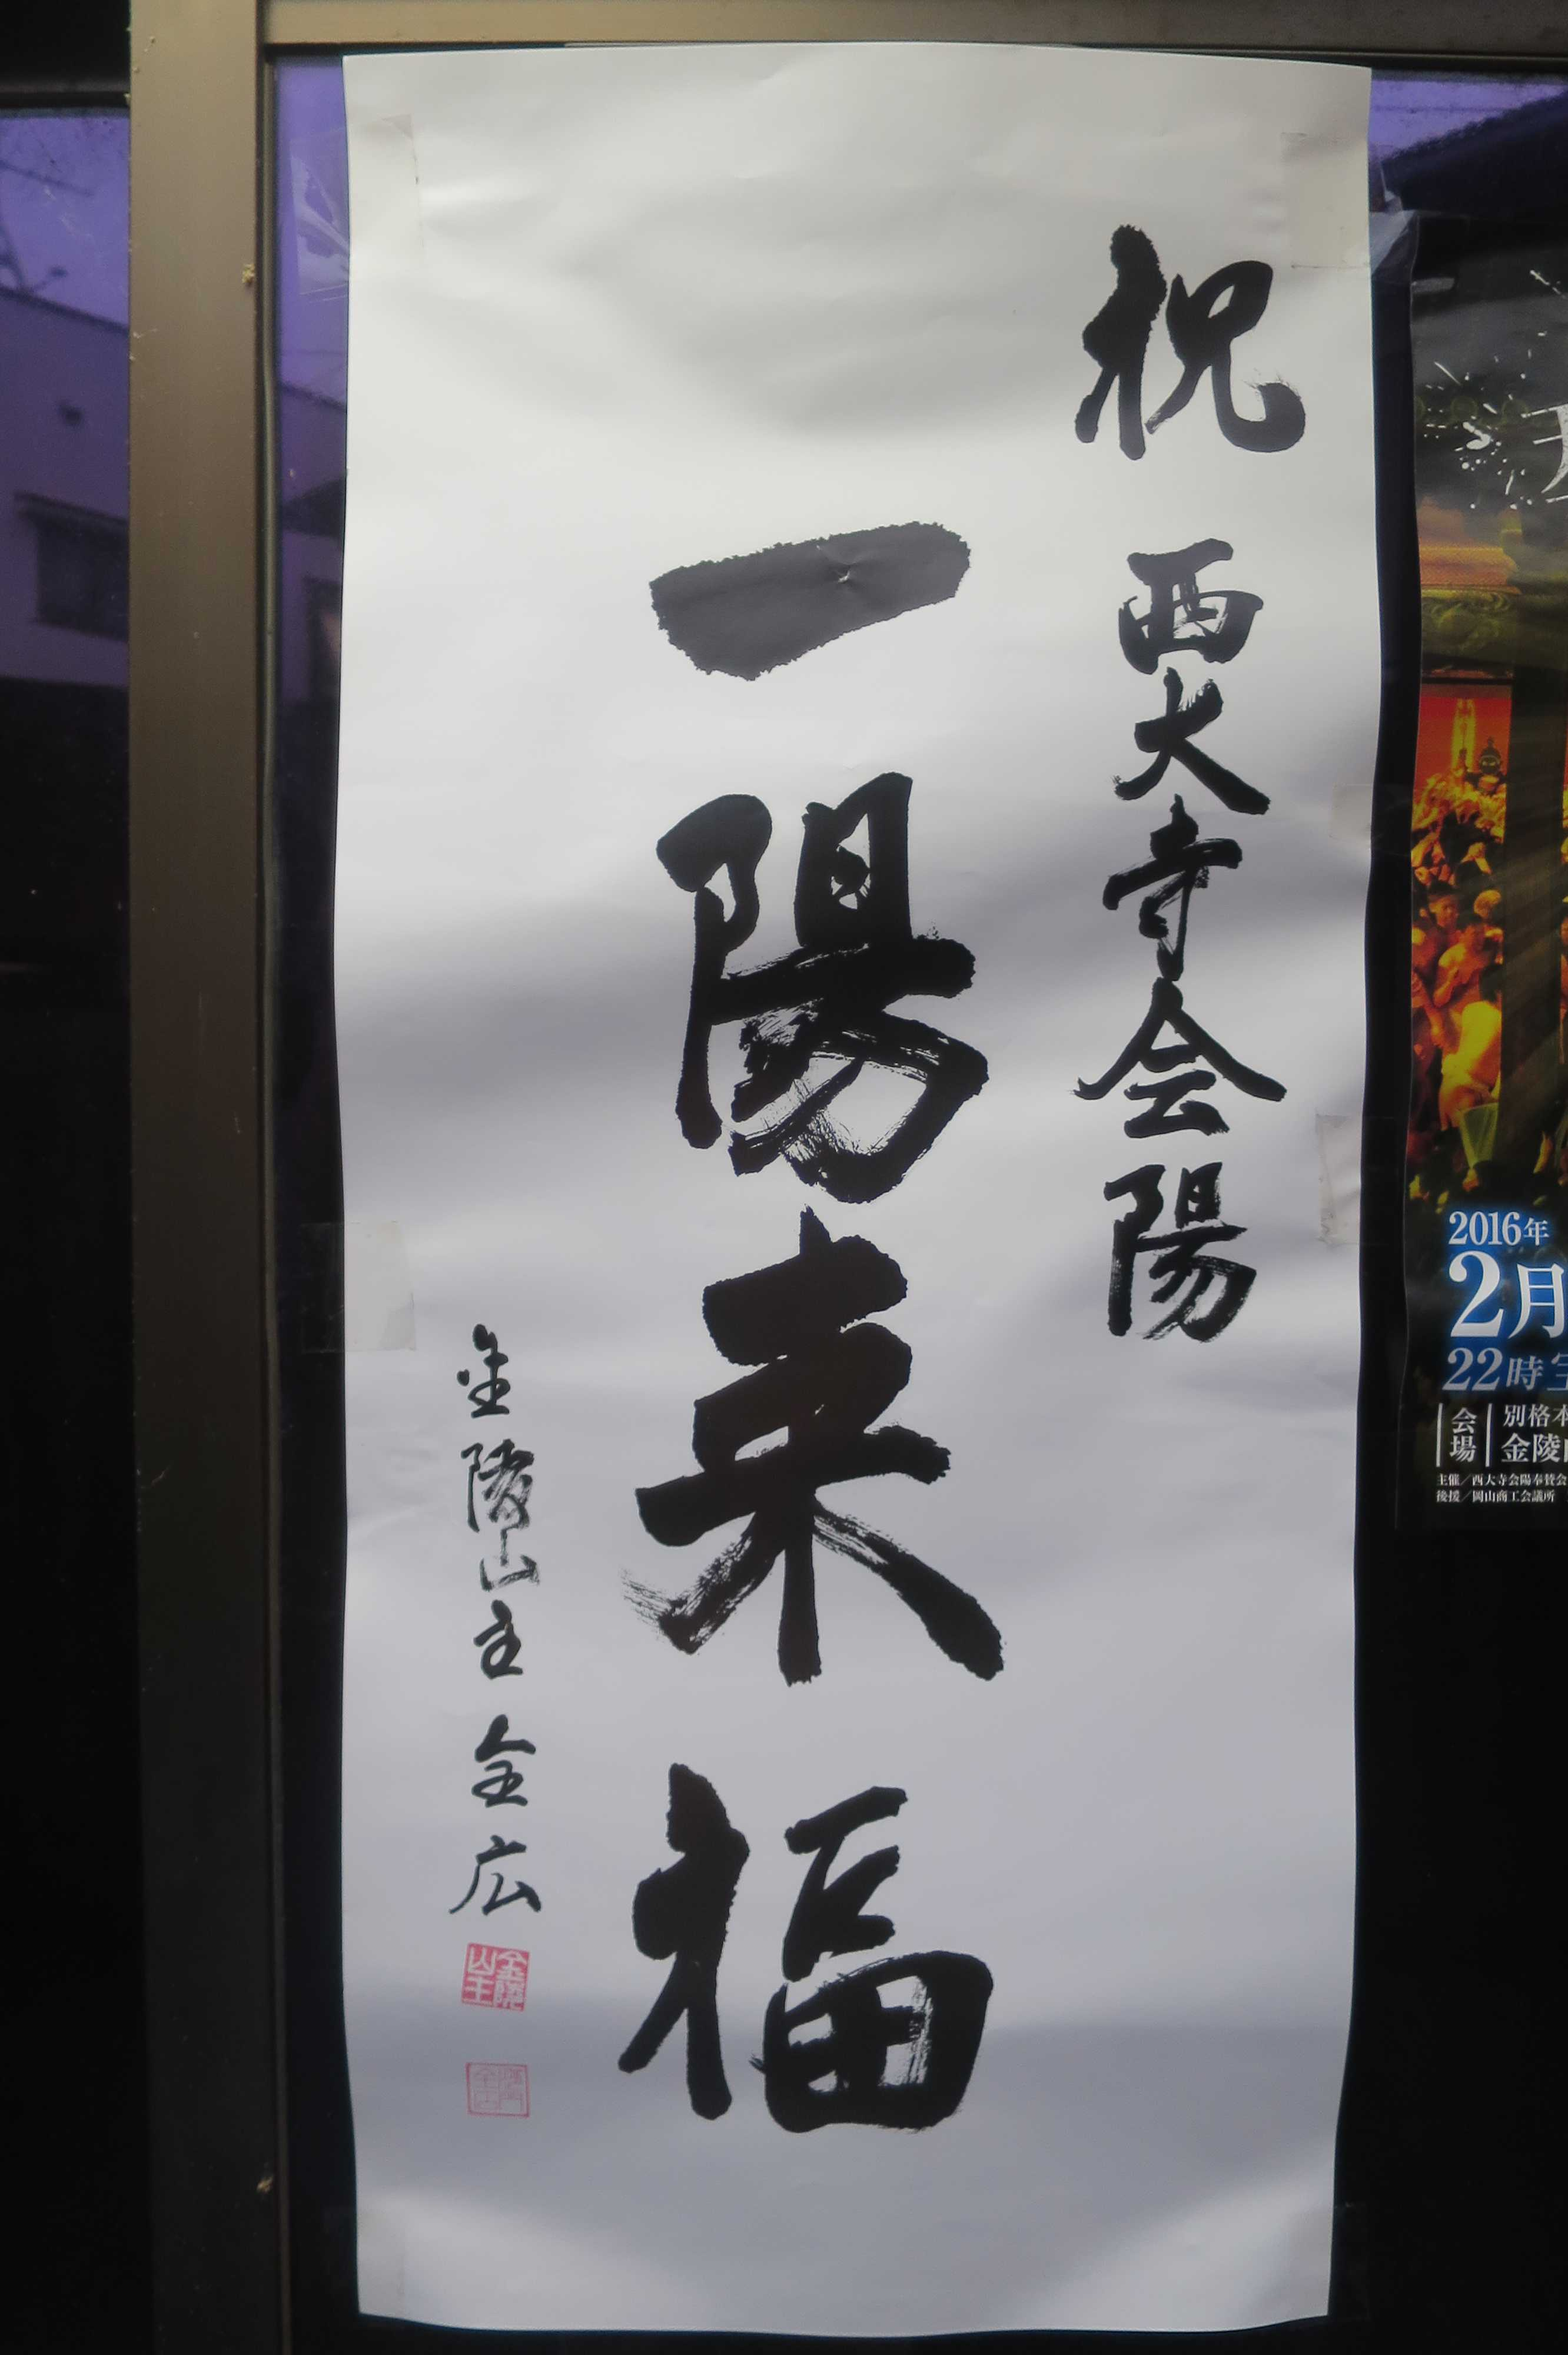 西大寺会陽 一陽来福のポスター